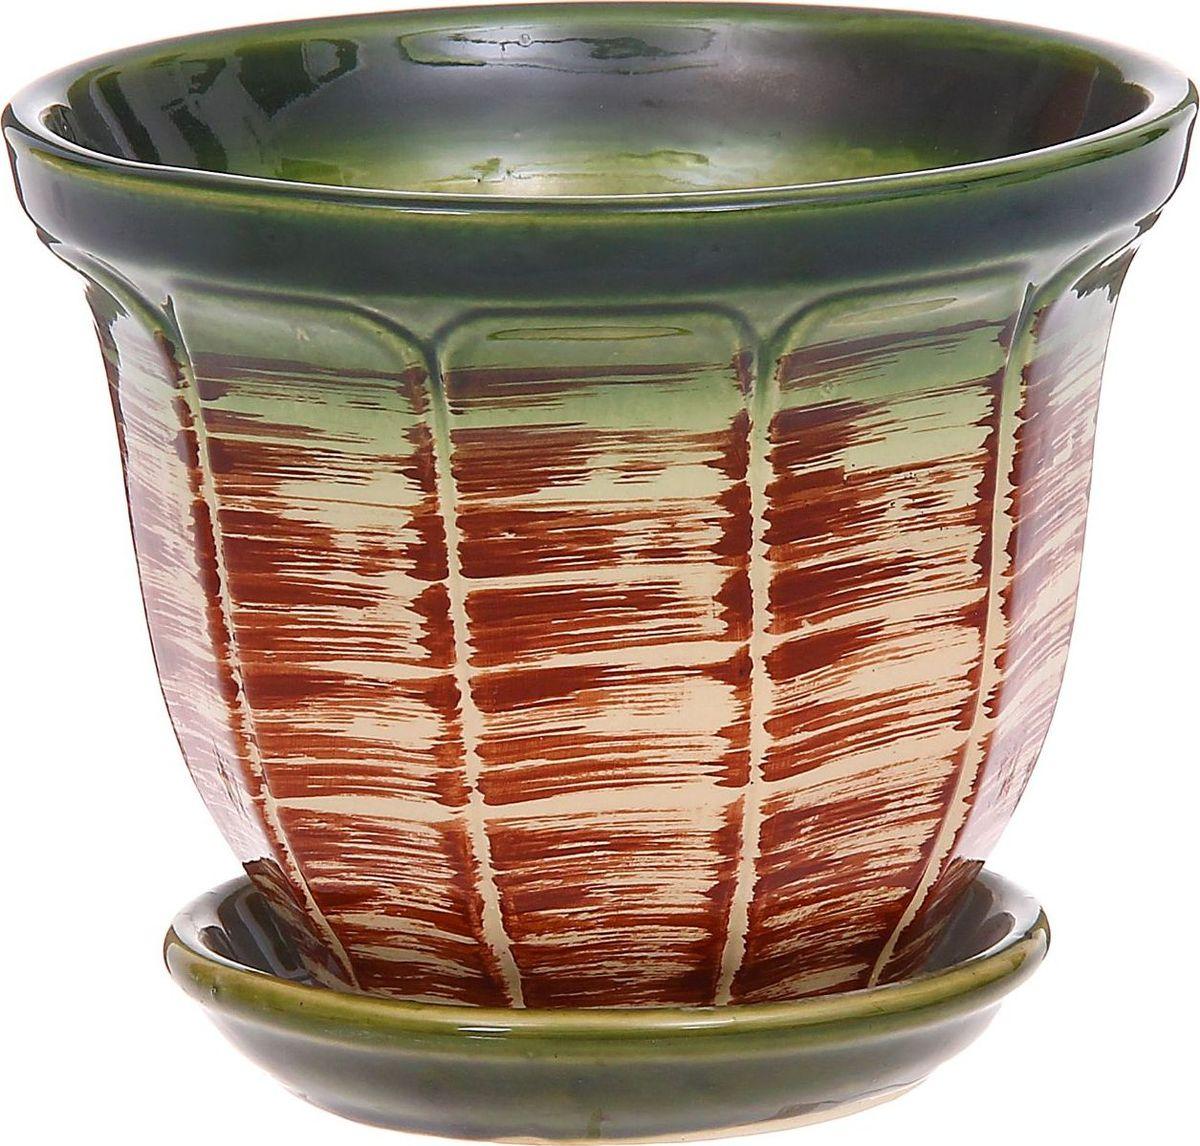 Кашпо Василек, цвет: зеленый, 2 л1185892Комнатные растения — всеобщие любимцы. Они радуют глаз, насыщают помещение кислородом и украшают пространство. Каждому из них необходим свой удобный и красивый дом. Кашпо из керамики прекрасно подходят для высадки растений: за счёт пластичности глины и разных способов обработки существует великое множество форм и дизайновпористый материал позволяет испаряться лишней влагевоздух, необходимый для дыхания корней, проникает сквозь керамические стенки! #name# позаботится о зелёном питомце, освежит интерьер и подчеркнёт его стиль.